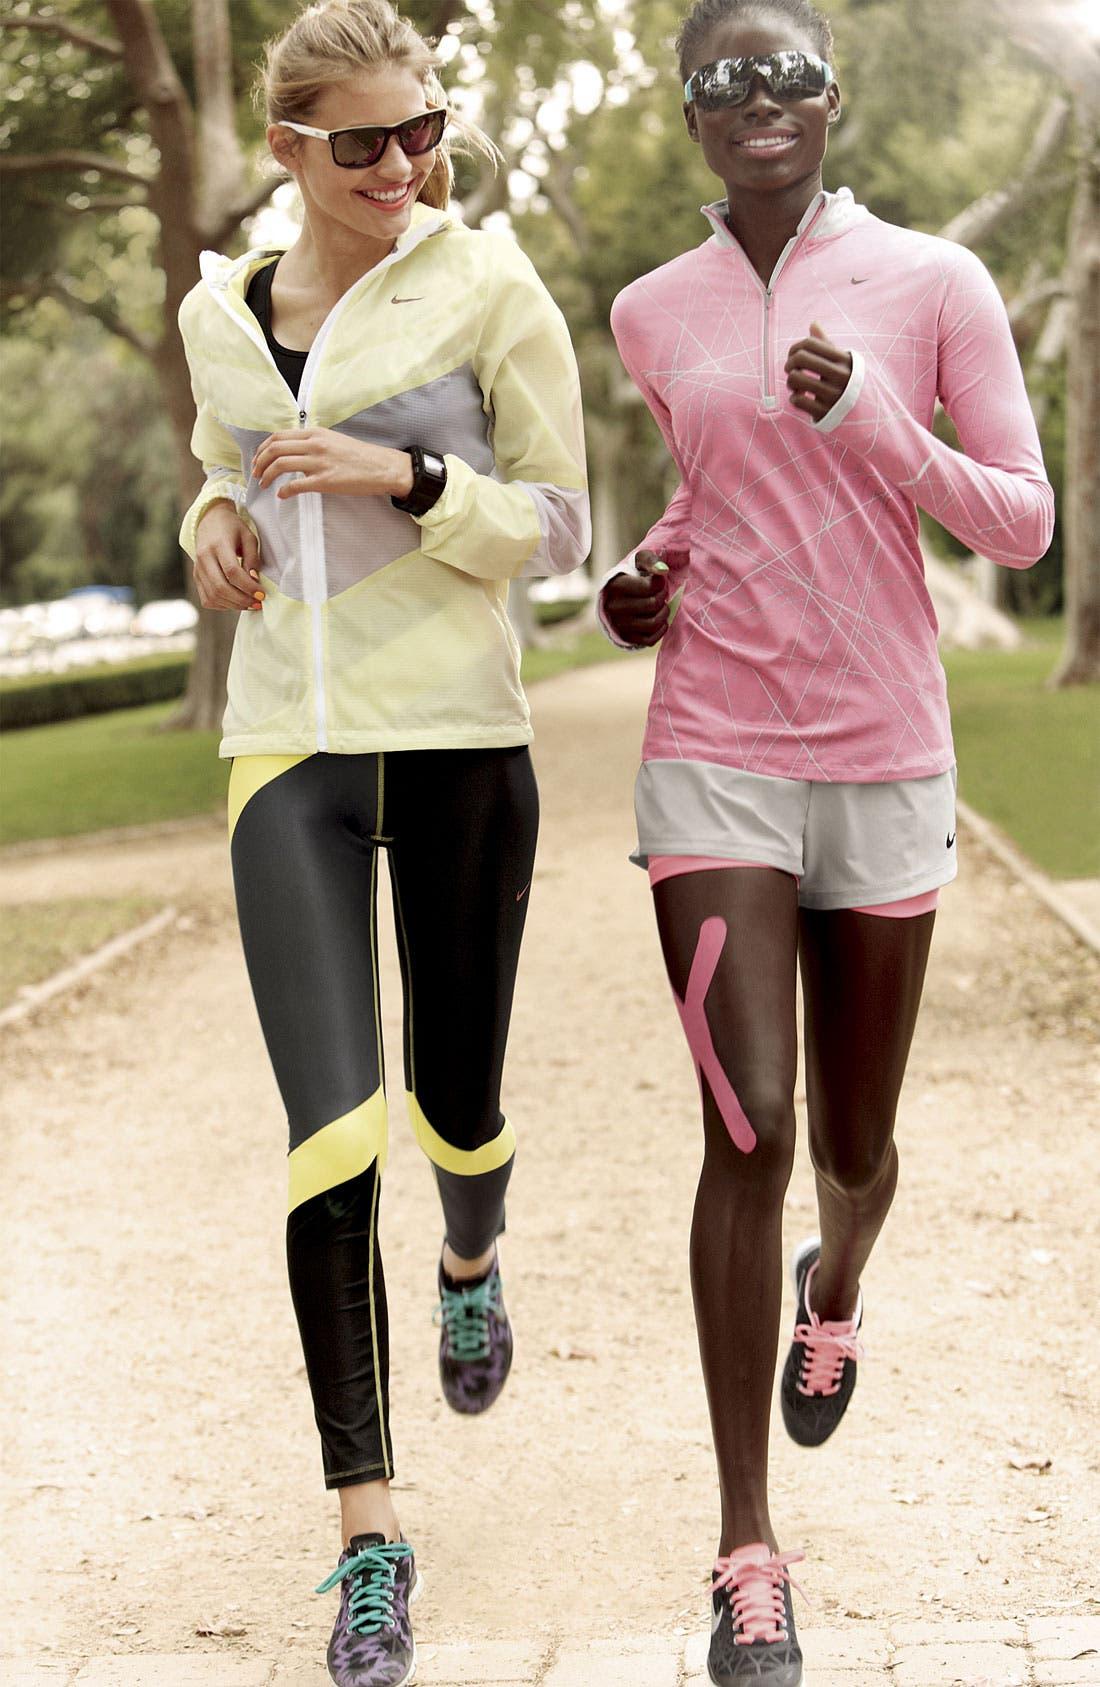 Main Image - Nike Top & Shorts